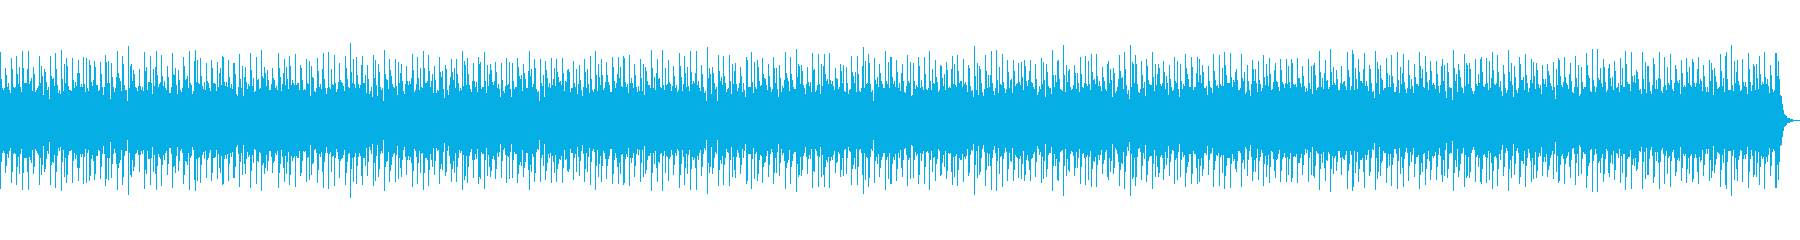 アフリカン、インディアンなBGMの再生済みの波形